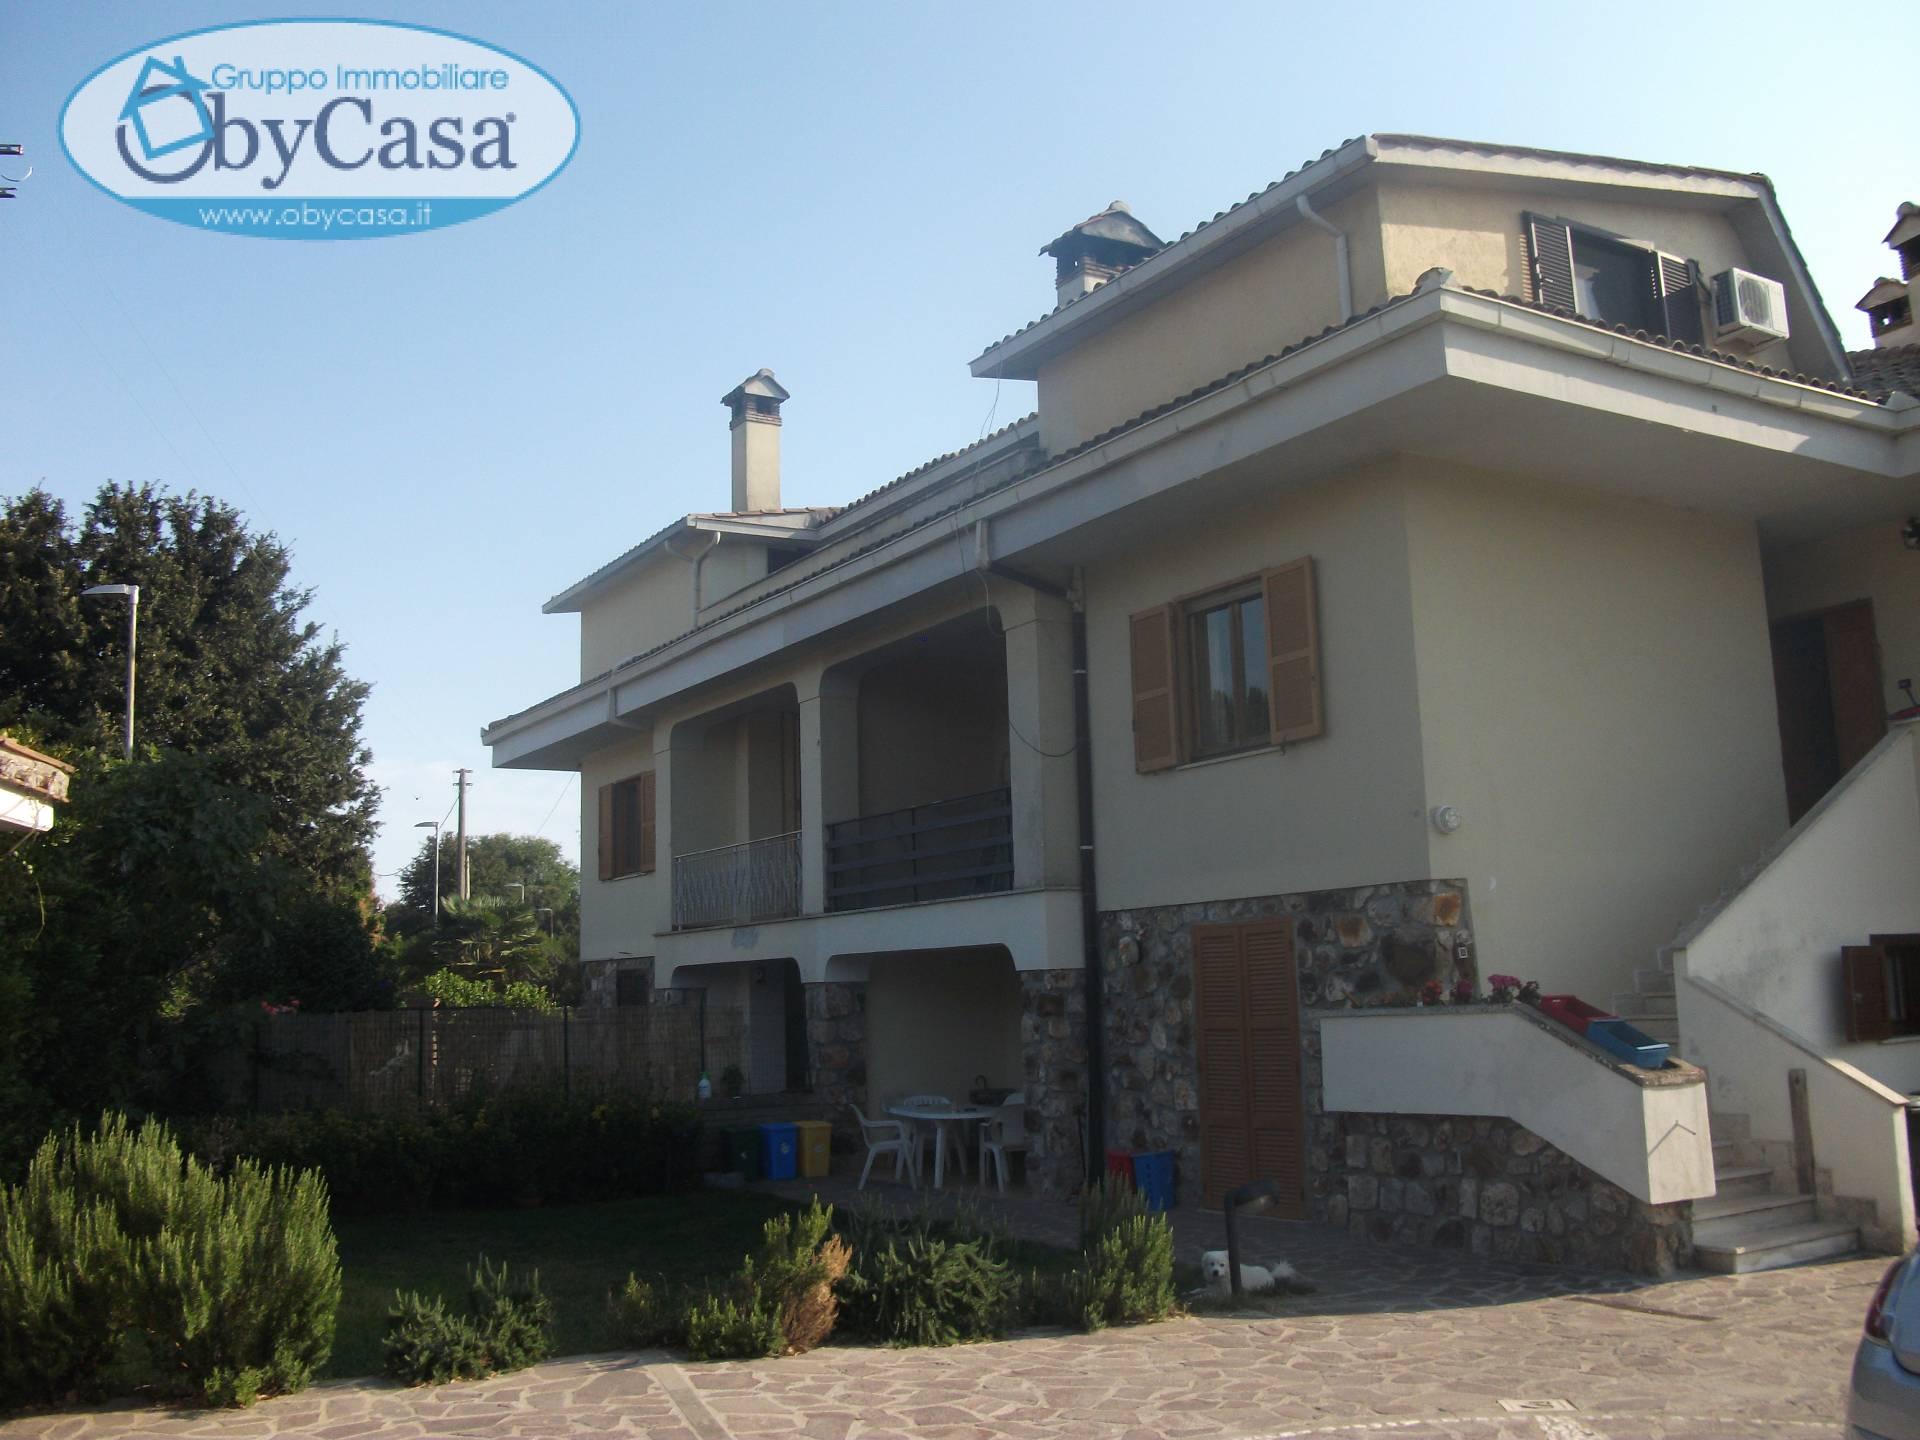 Appartamento in affitto a Oriolo Romano, 5 locali, prezzo € 590 | CambioCasa.it